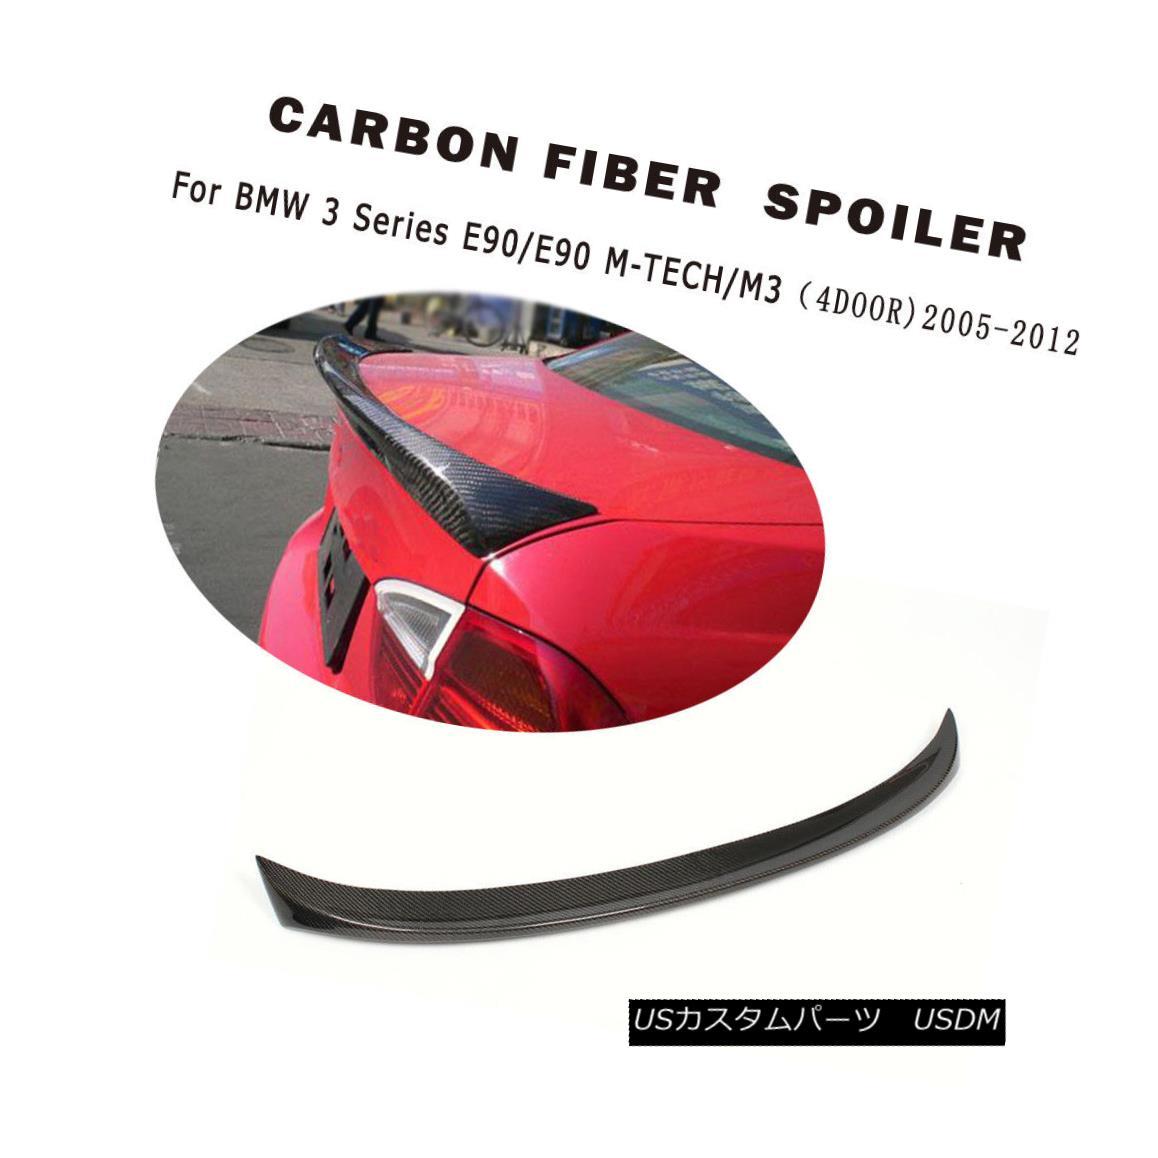 エアロパーツ Carbon Fiber Trunk Boot Spoiler Wing Fit for BMW 3Series E90 M3 M-Tech 05-12 カーボンファイバートランクブーツスポイラーウィングフィットBMW 3シリーズE90 M3 M-Tech 05-12